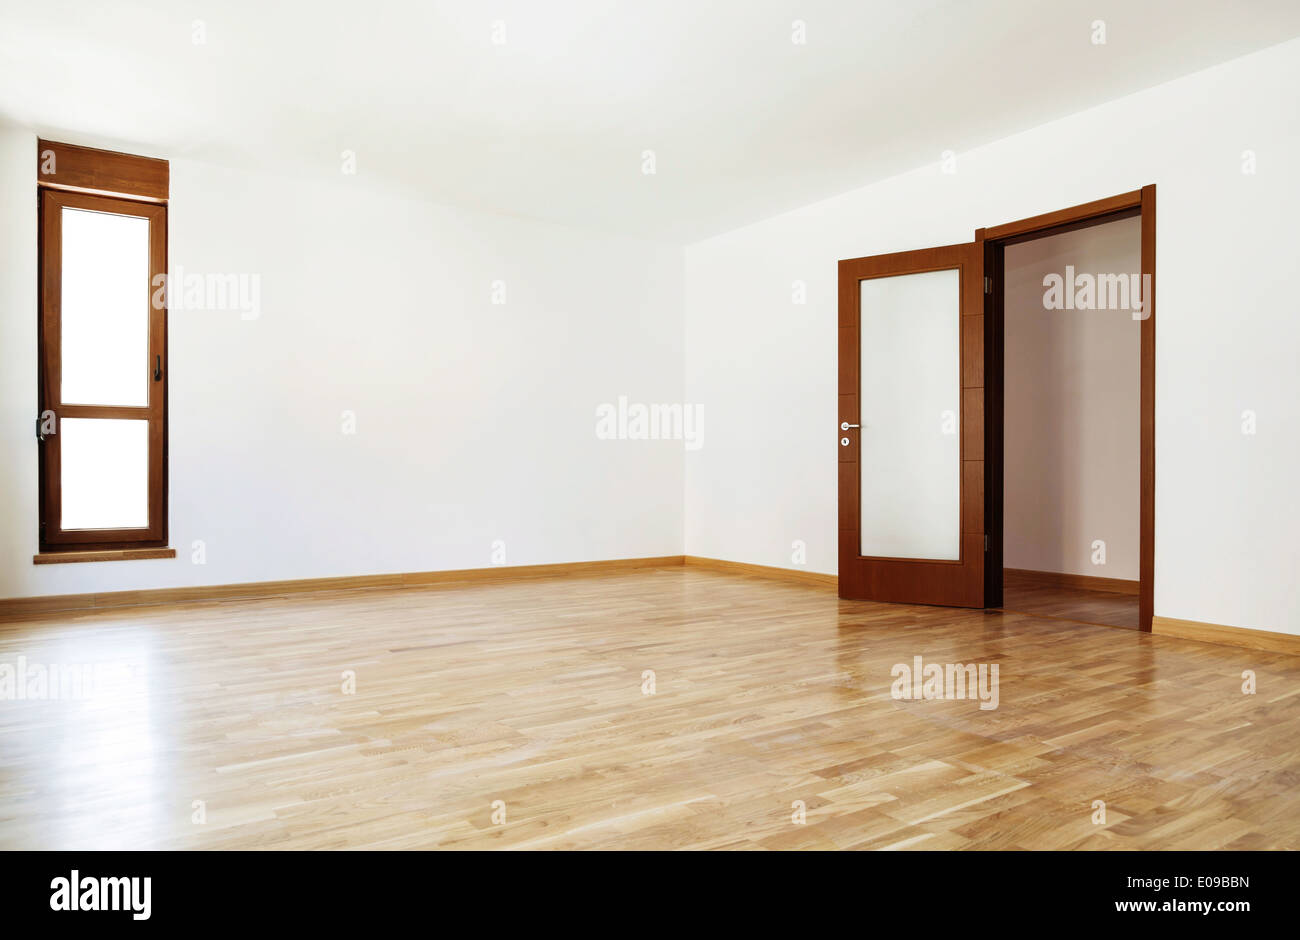 Closed Room Door Stock Photos & Closed Room Door Stock ...